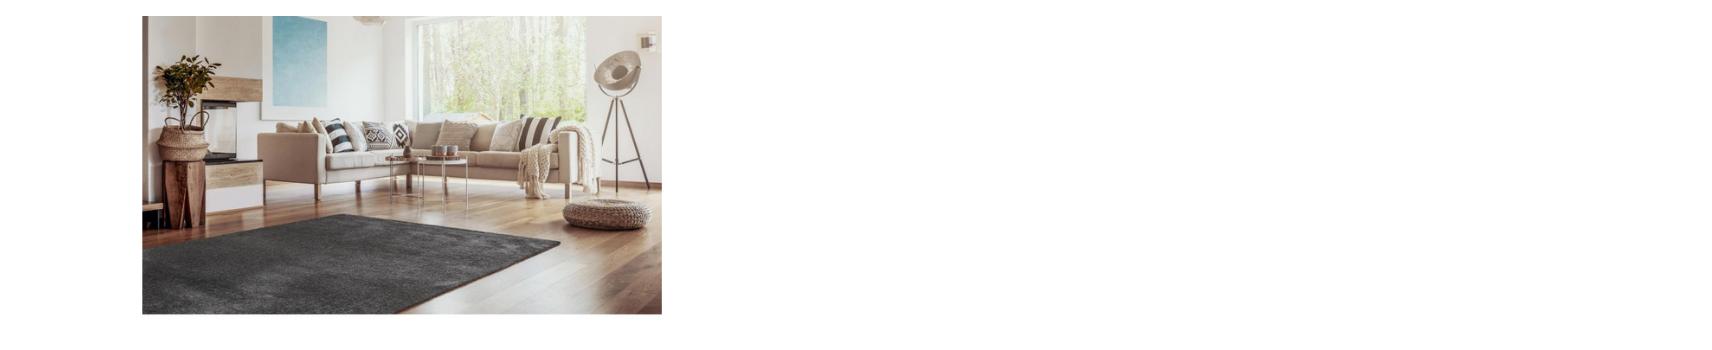 Jednobojni tepisi web shop - Interijer Marko